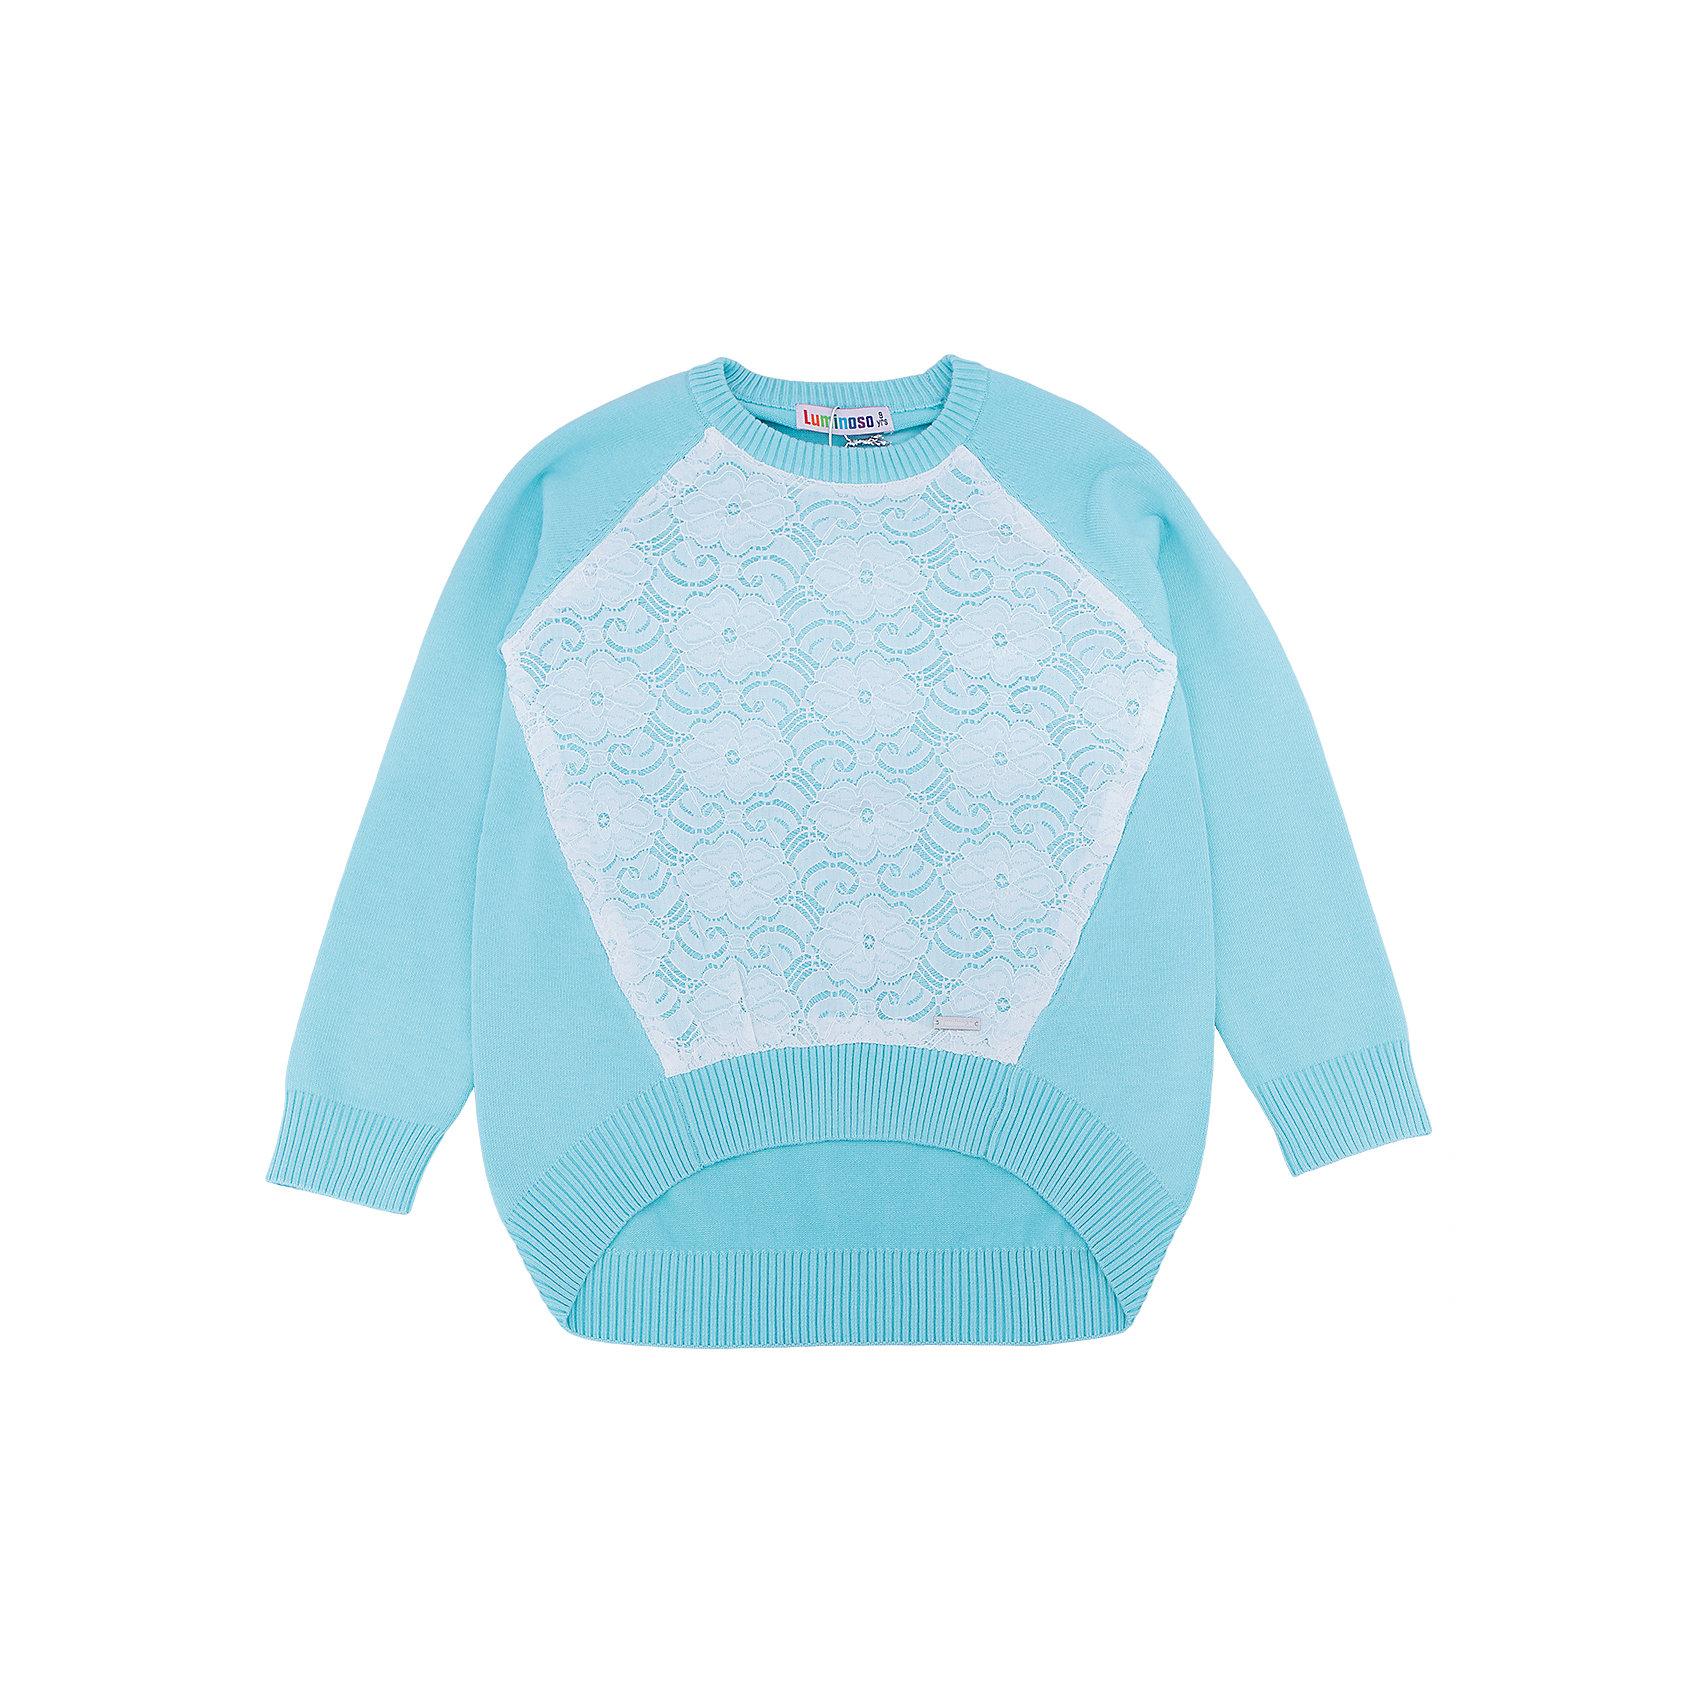 Свитер для девочки LuminosoХарактеристики товара:<br><br>- цвет: голубой;<br>- материал: 60% хлопок, 40% акрил;<br>- декорирован кружевом;<br>- резинка по низу и на рукавах;<br>- длинный рукав;<br>- спинка длиннее;<br>- рукава реглан.<br><br>Стильная одежда от бренда Luminoso (Люминосо), созданная при участии итальянских дизайнеров, учитывает потребности подростков и последние веяния моды. Она удобная и модная.<br>Этот стильный свитер идеален для прохладной погоды. Он хорошо сидит на ребенке, обеспечивает комфорт и отлично сочетается с одежной разных стилей. Модель отличается высоким качеством материала и продуманным дизайном.<br><br>Свитер для девочки от бренда Luminoso (Люминосо) можно купить в нашем интернет-магазине.<br><br>Ширина мм: 190<br>Глубина мм: 74<br>Высота мм: 229<br>Вес г: 236<br>Цвет: голубой<br>Возраст от месяцев: 156<br>Возраст до месяцев: 168<br>Пол: Женский<br>Возраст: Детский<br>Размер: 164,134,140,146,152,158<br>SKU: 4929486